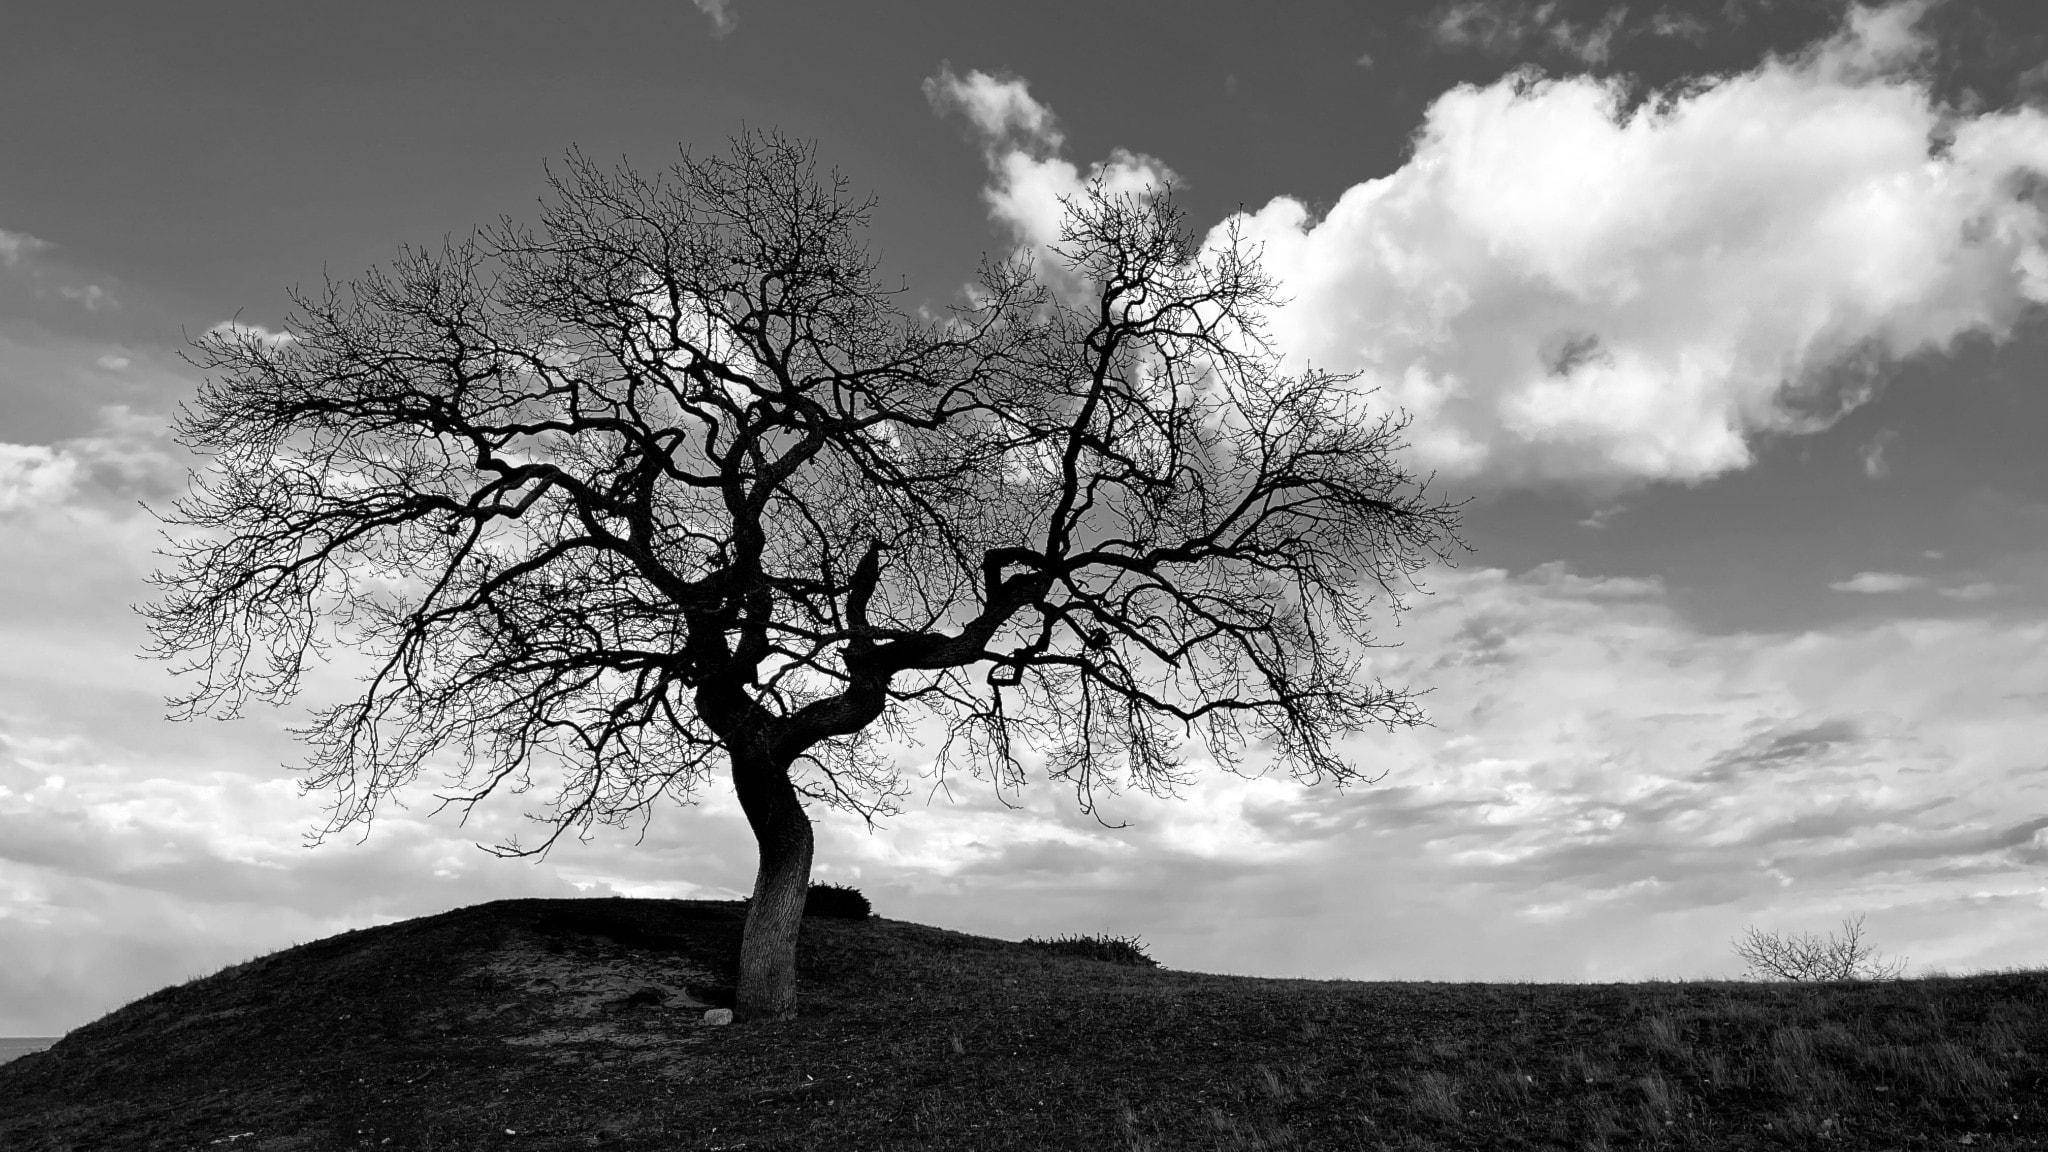 Träd på kulle. Svartvit bild.